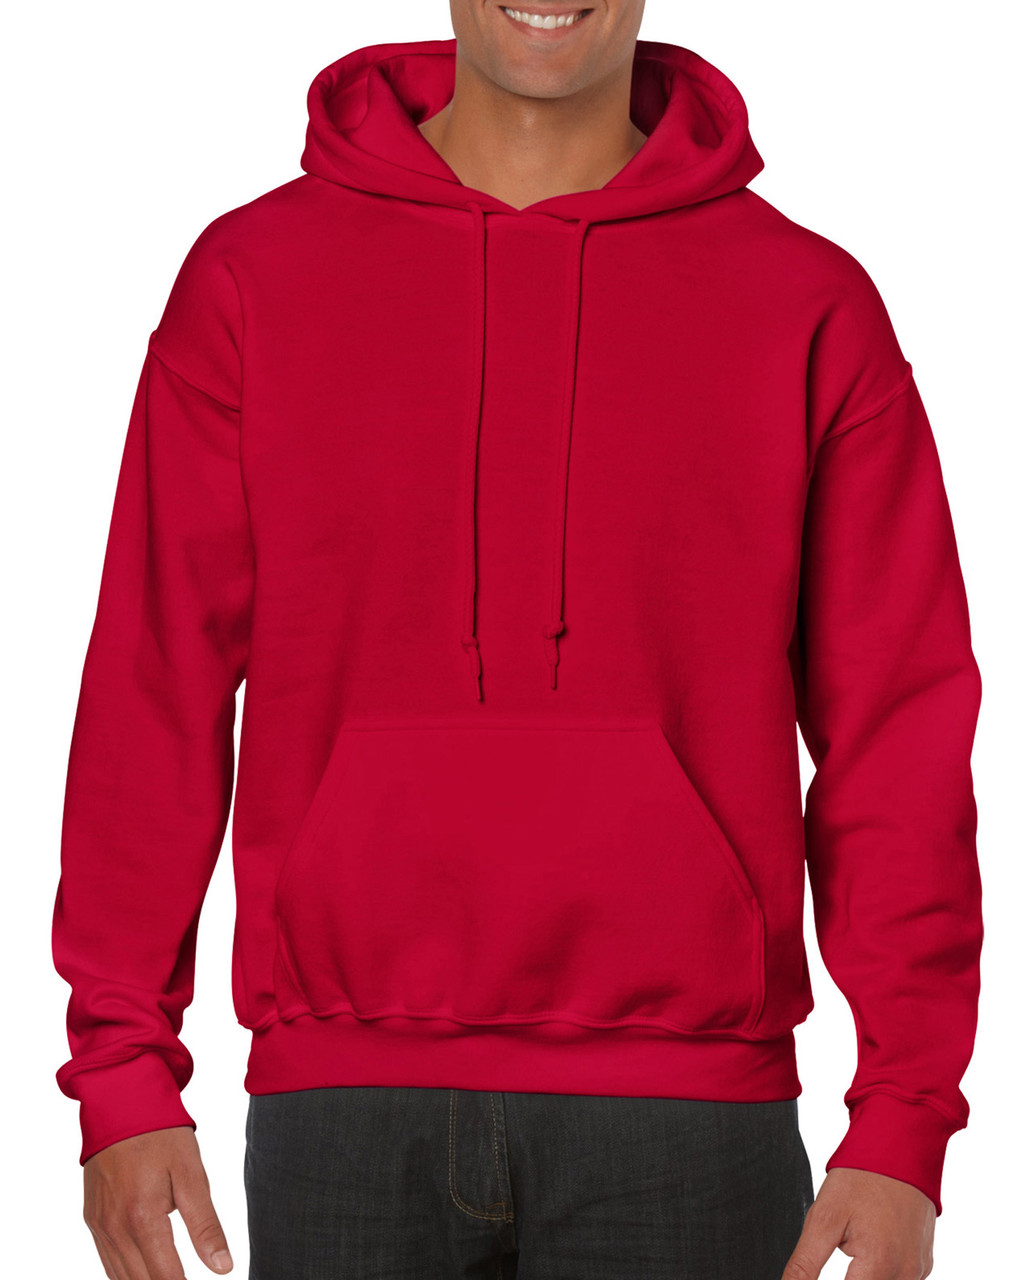 Реглан худи с капюшоном, Heavy Blend, вишневый красный, GILDAN, размеры от S до 2XL